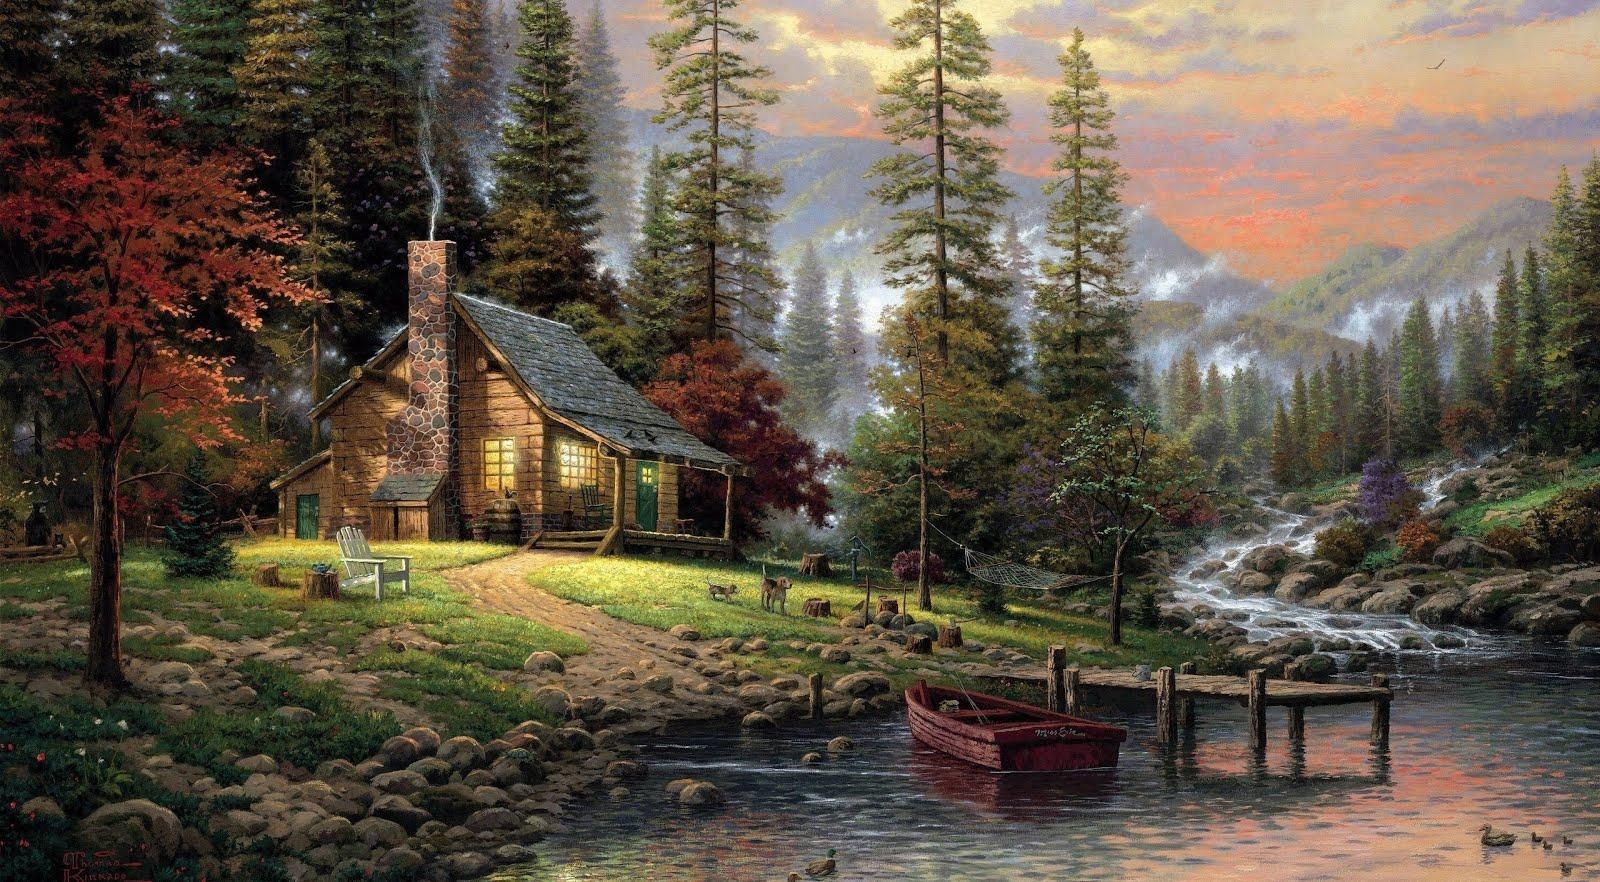 PAISAJES  PARA ESCAPARSE - Página 3 Pintura-de-un-hermoso-paisaje-con-caba%25C3%25B1a-junto-al-rio-y-las-monta%25C3%25B1as-2560x1412